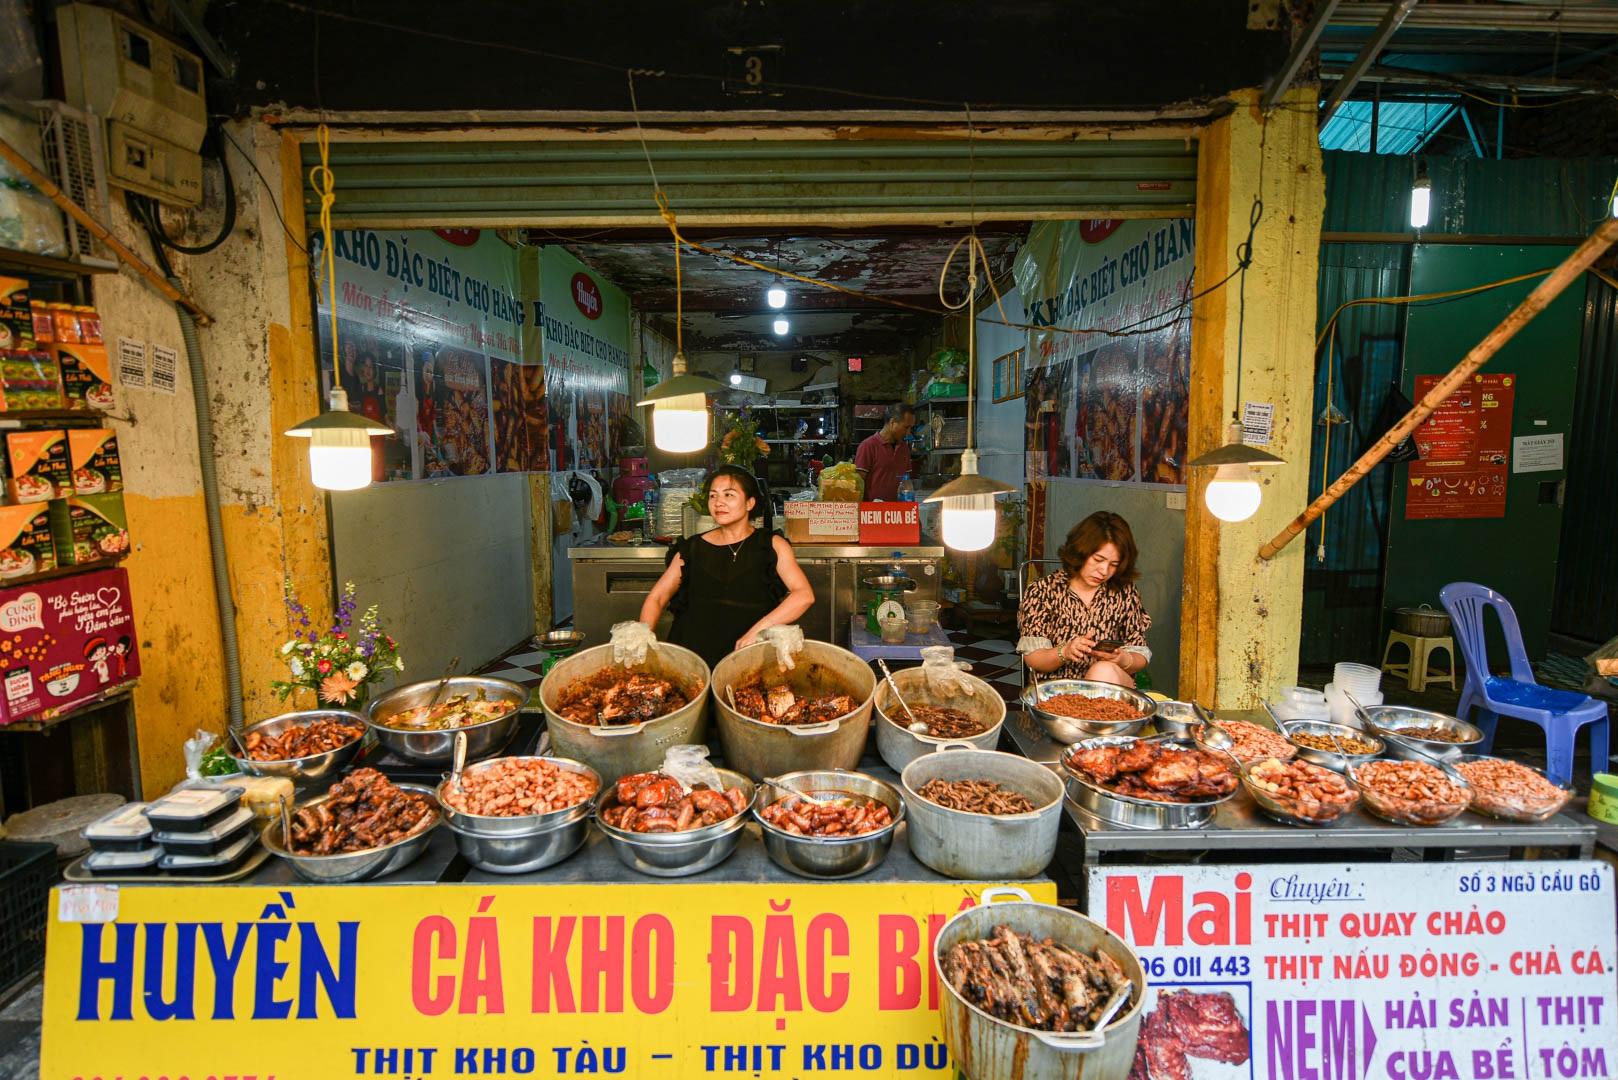 Khu chợ nhà giàu ở Hà Nội, ngày bán hàng trăm cân cá kho - 2